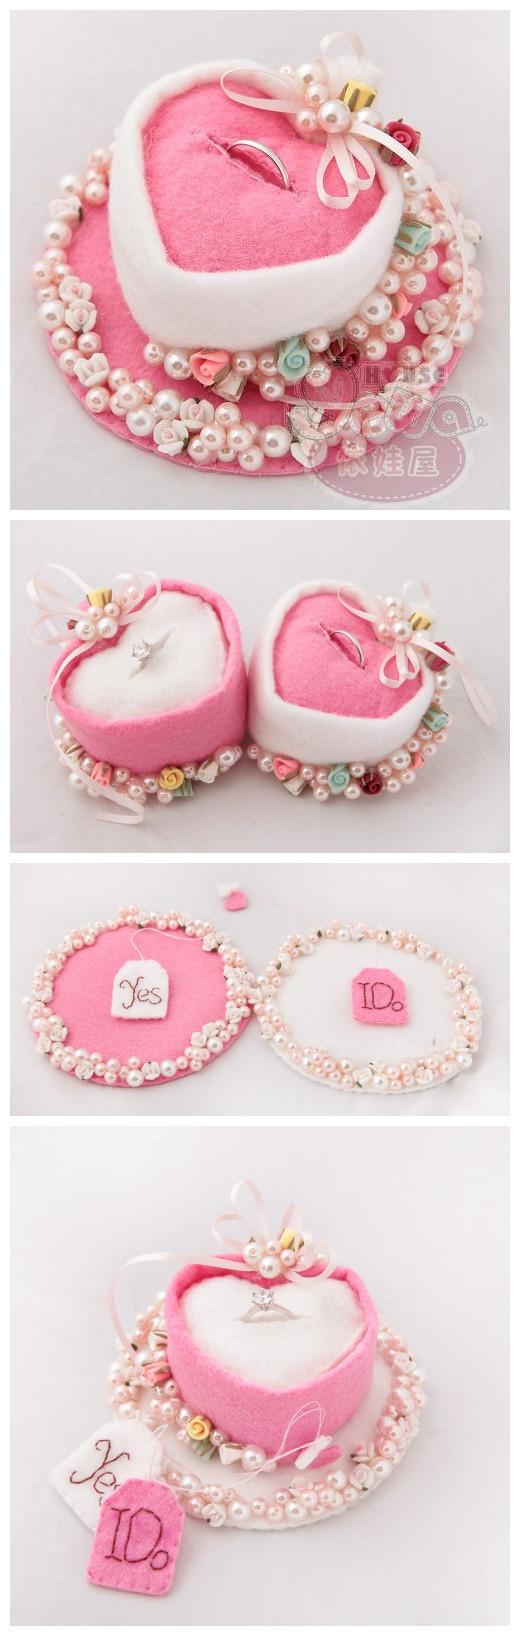 250 best felt ring pillow images on Pinterest | Ring pillows, Ring ...